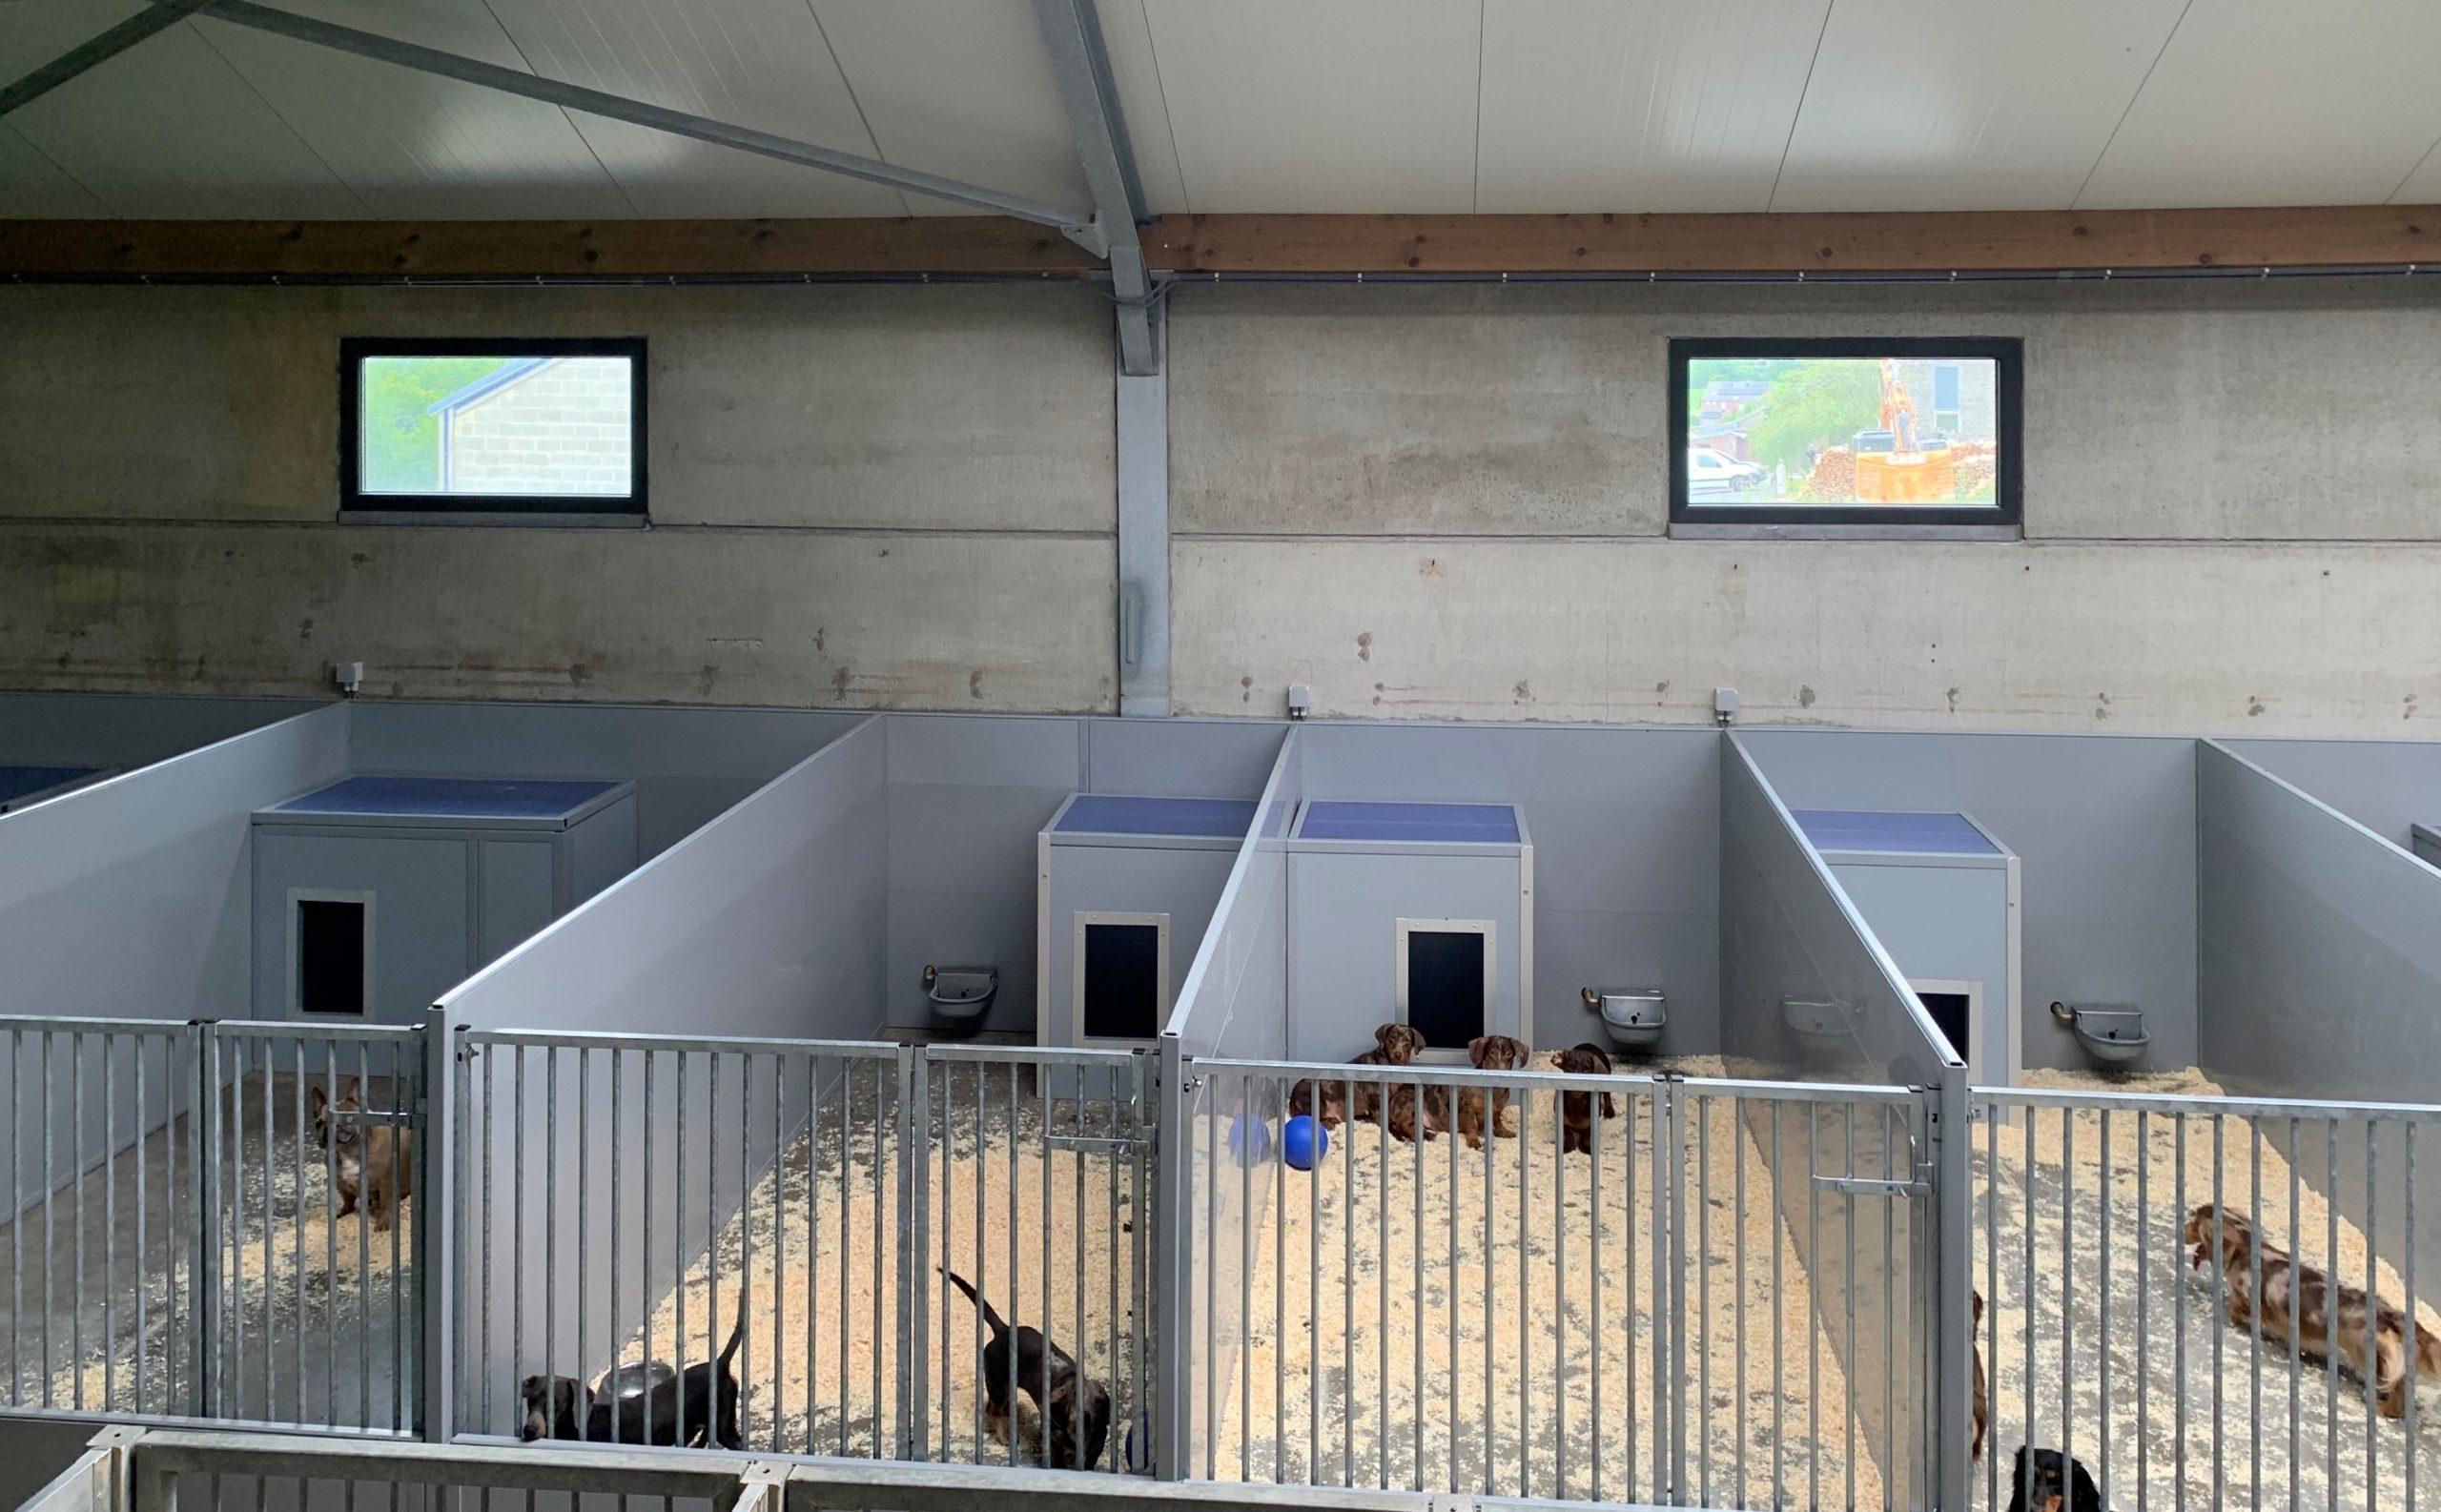 Bouw hondenresort met Bouwplast kunststof panelen